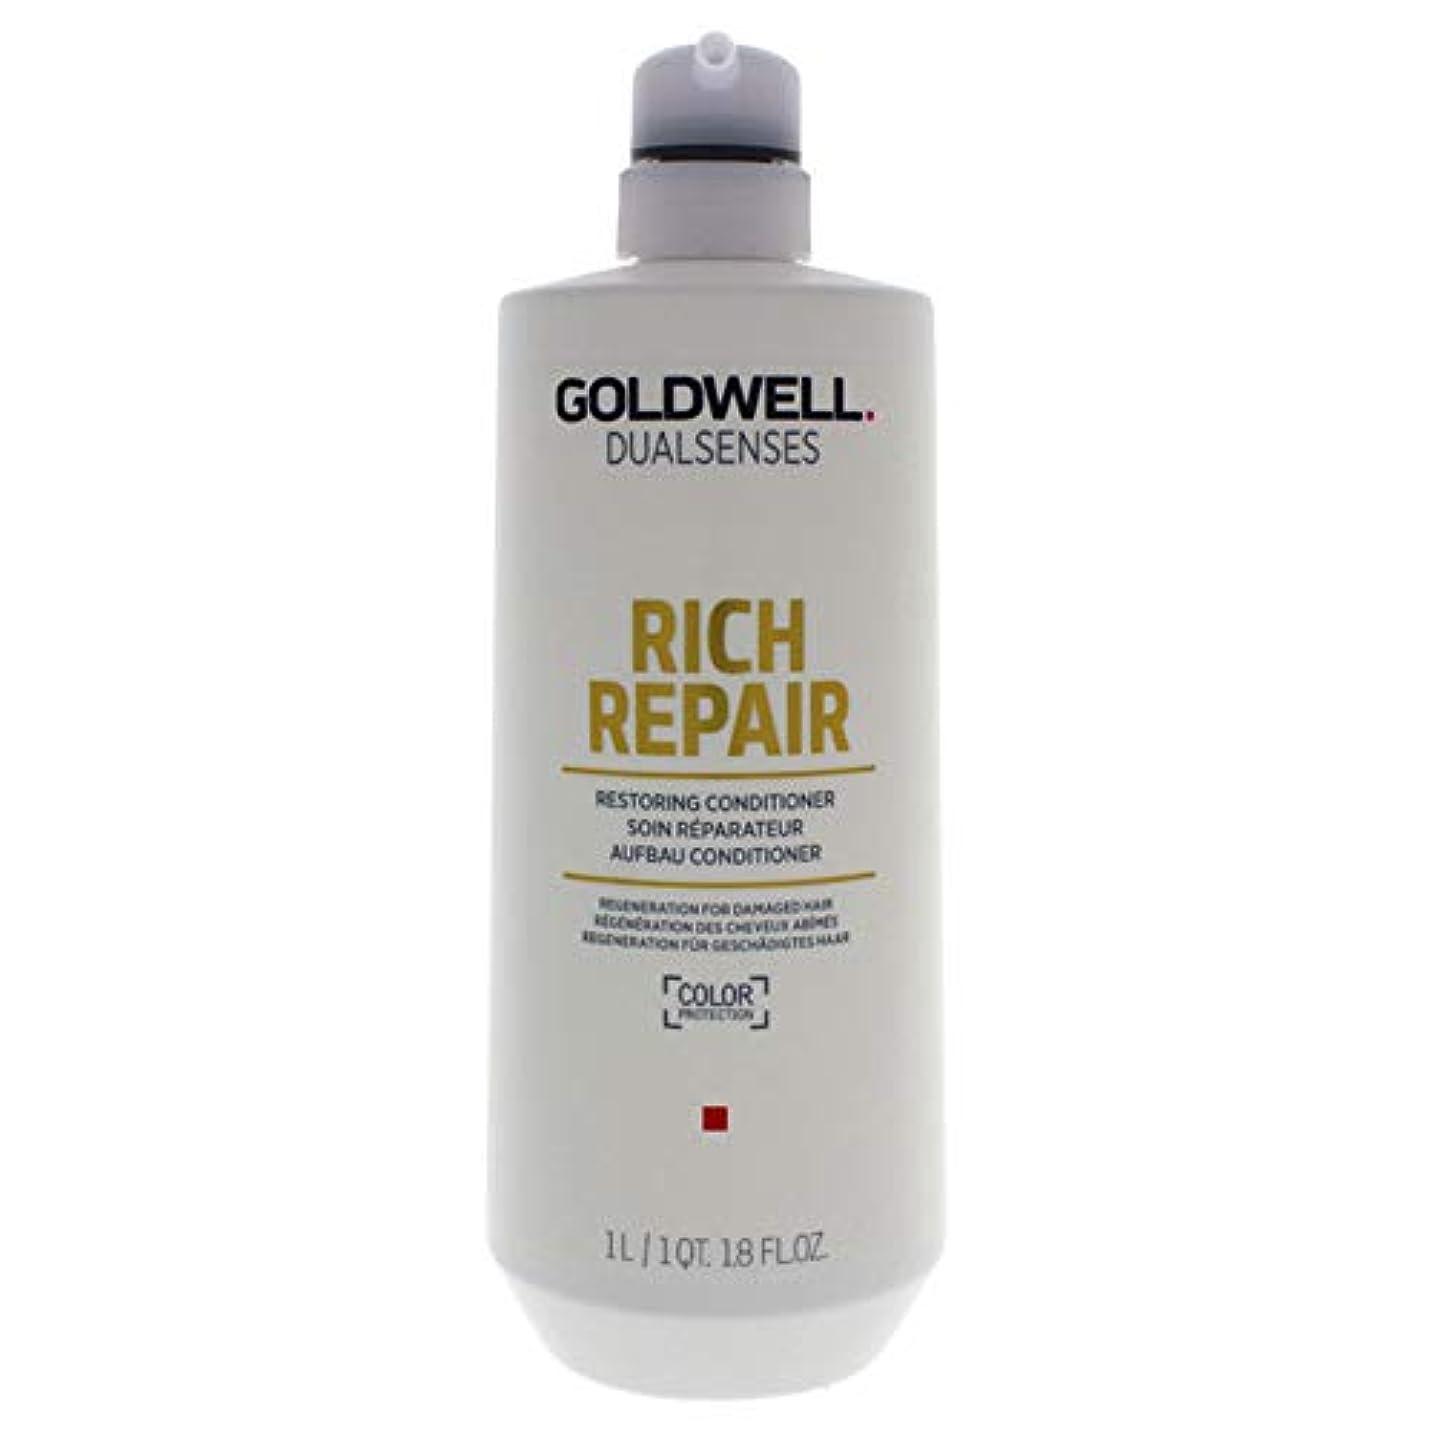 家族反抗特異なゴールドウェル Dual Senses Rich Repair Restoring Conditioner (Regeneration For Damaged Hair) 1000ml